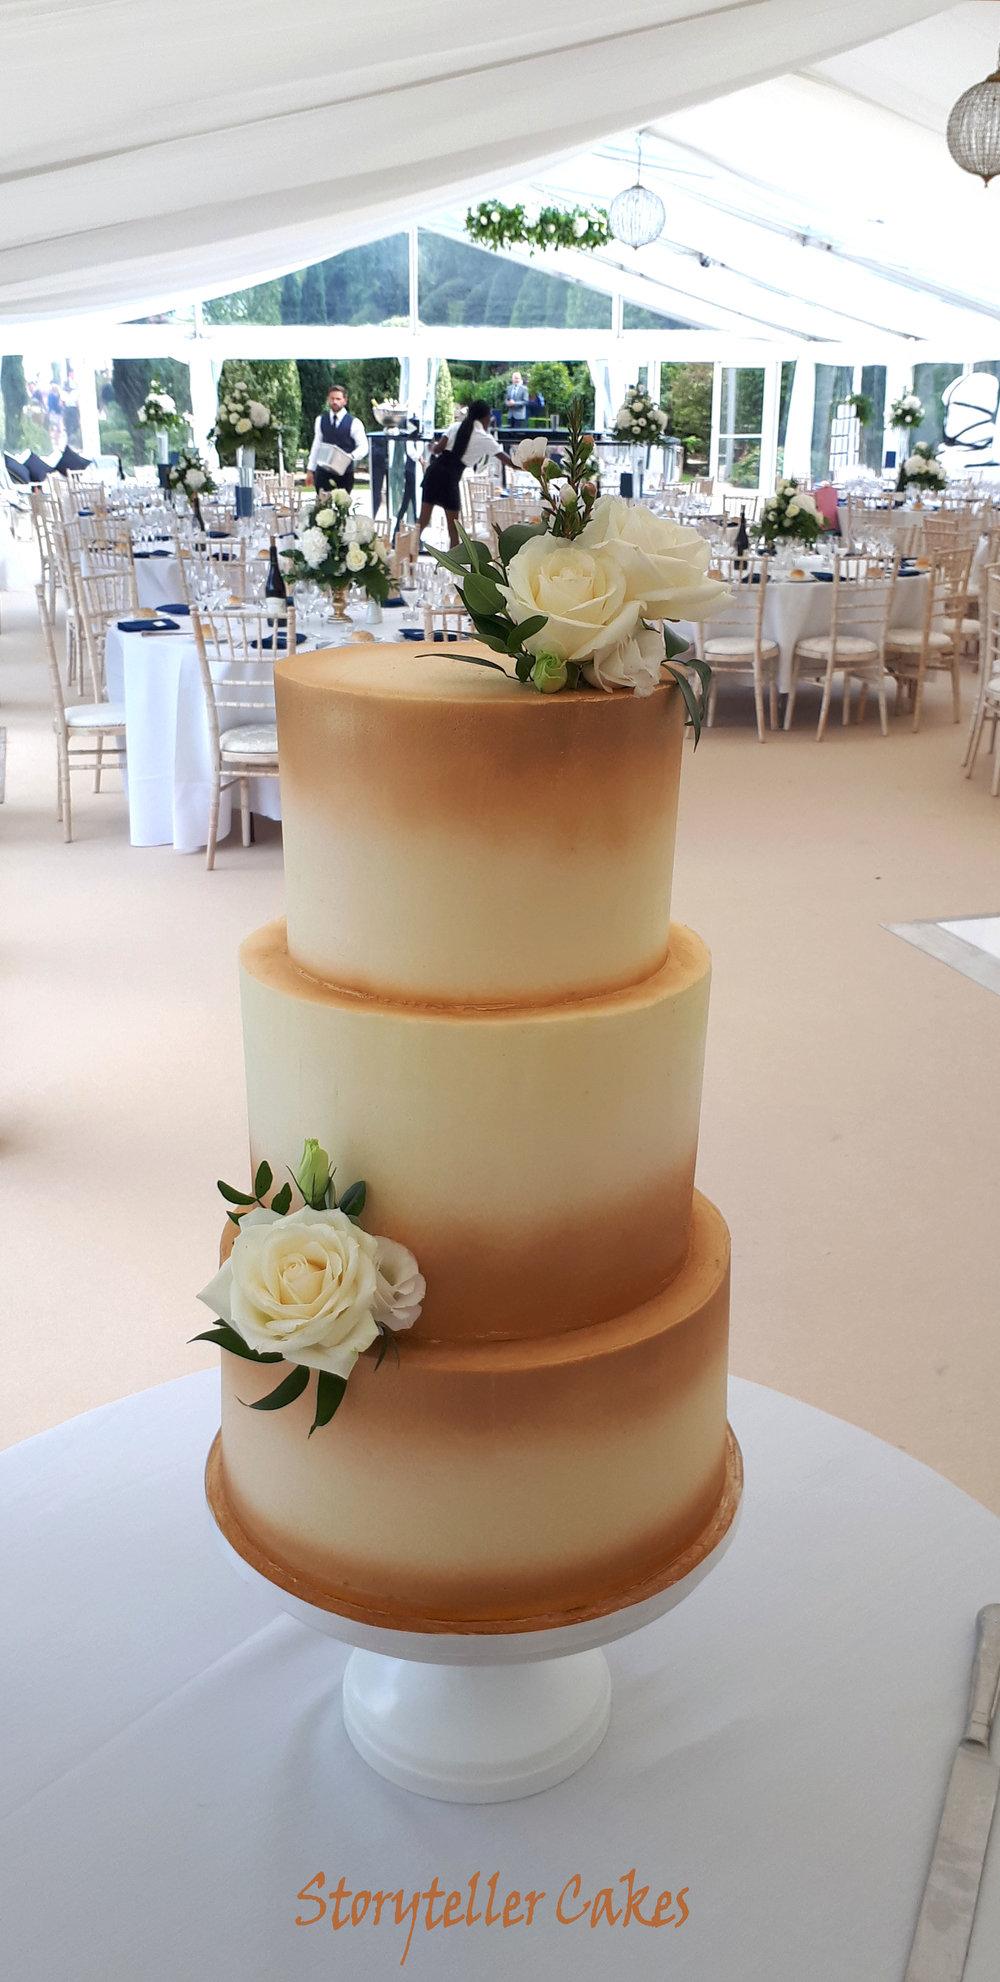 Gold and white buttercream rose wedding cake4.jpg